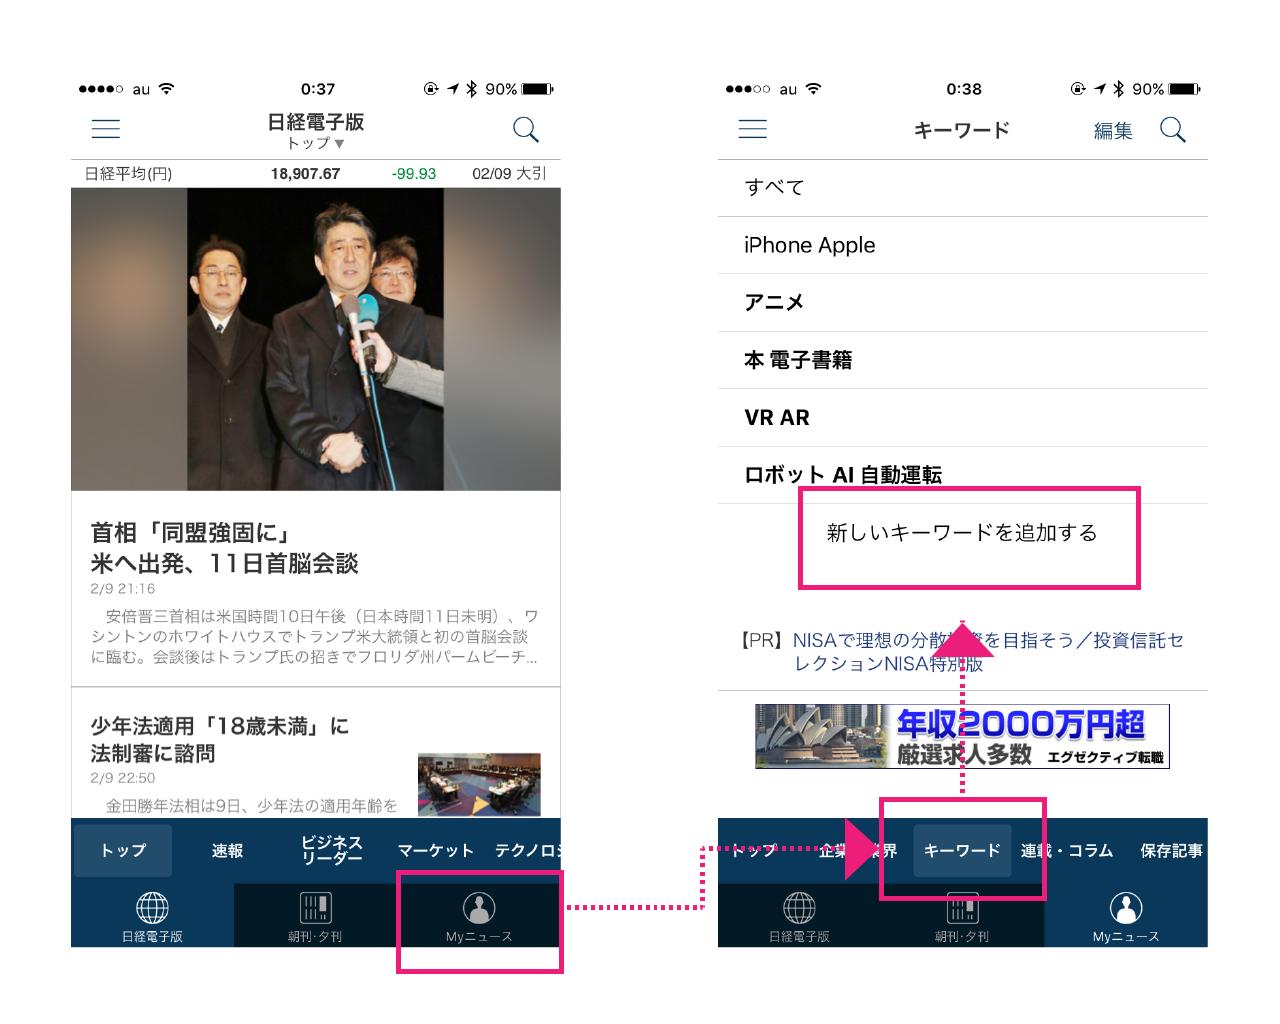 nikkei-news-digital-app-keyword-setting-iphone-ipad-1